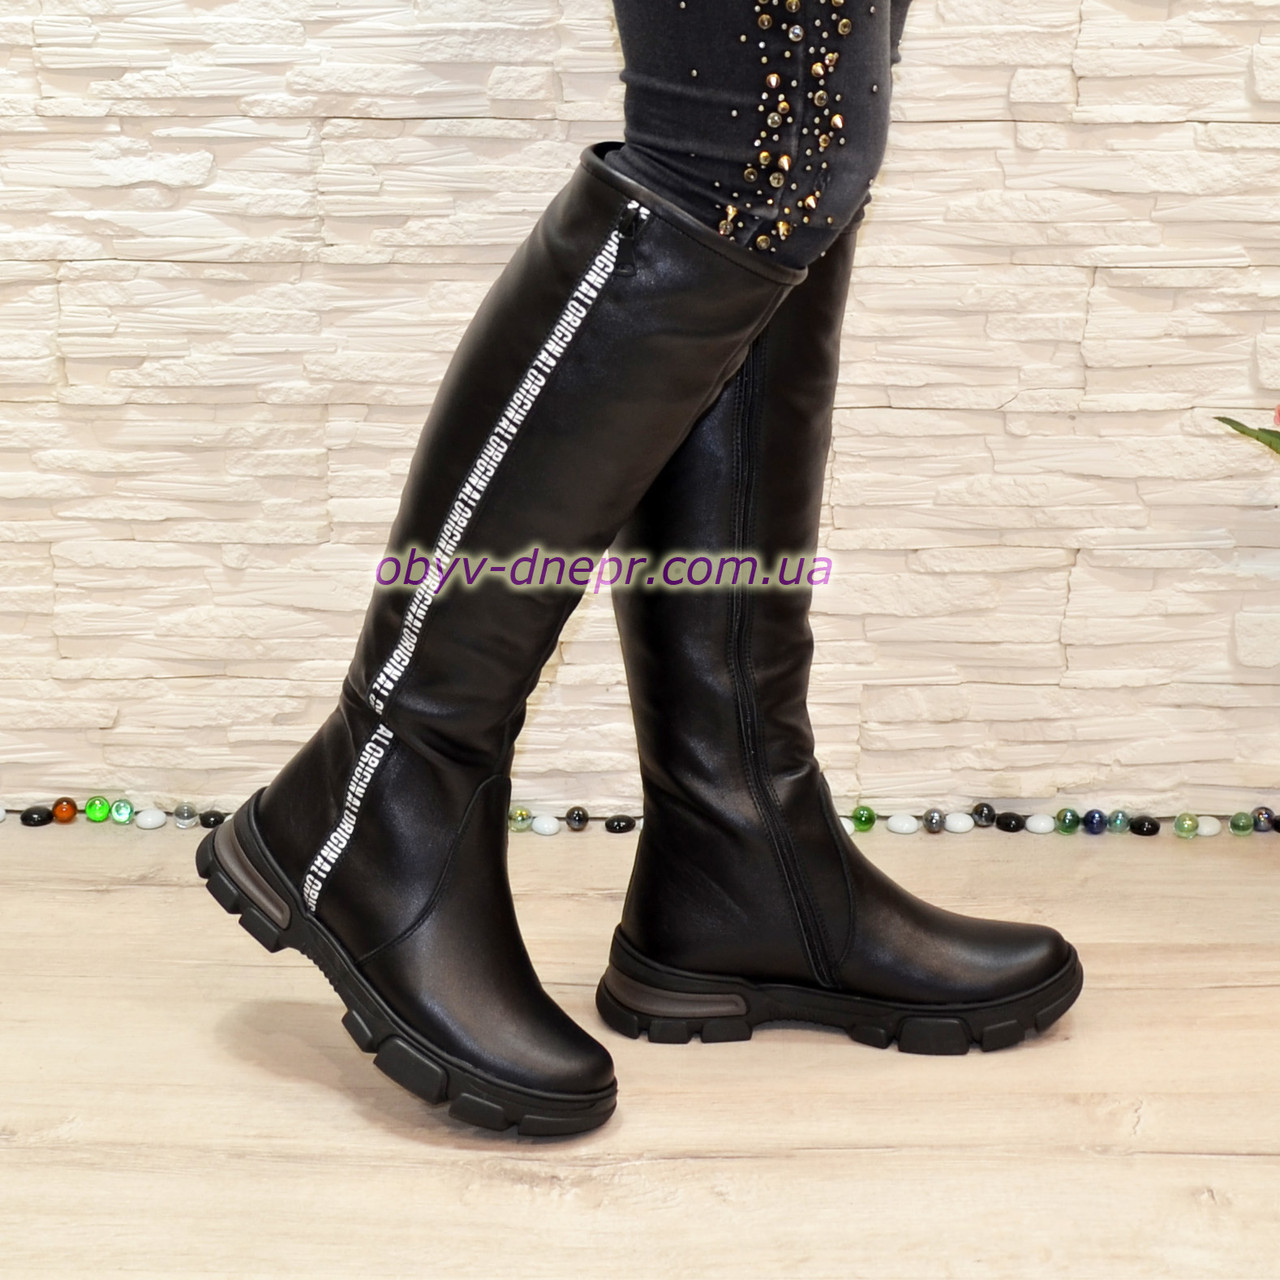 Сапоги кожаные женские спортивного стиля, на утолщенной подошве